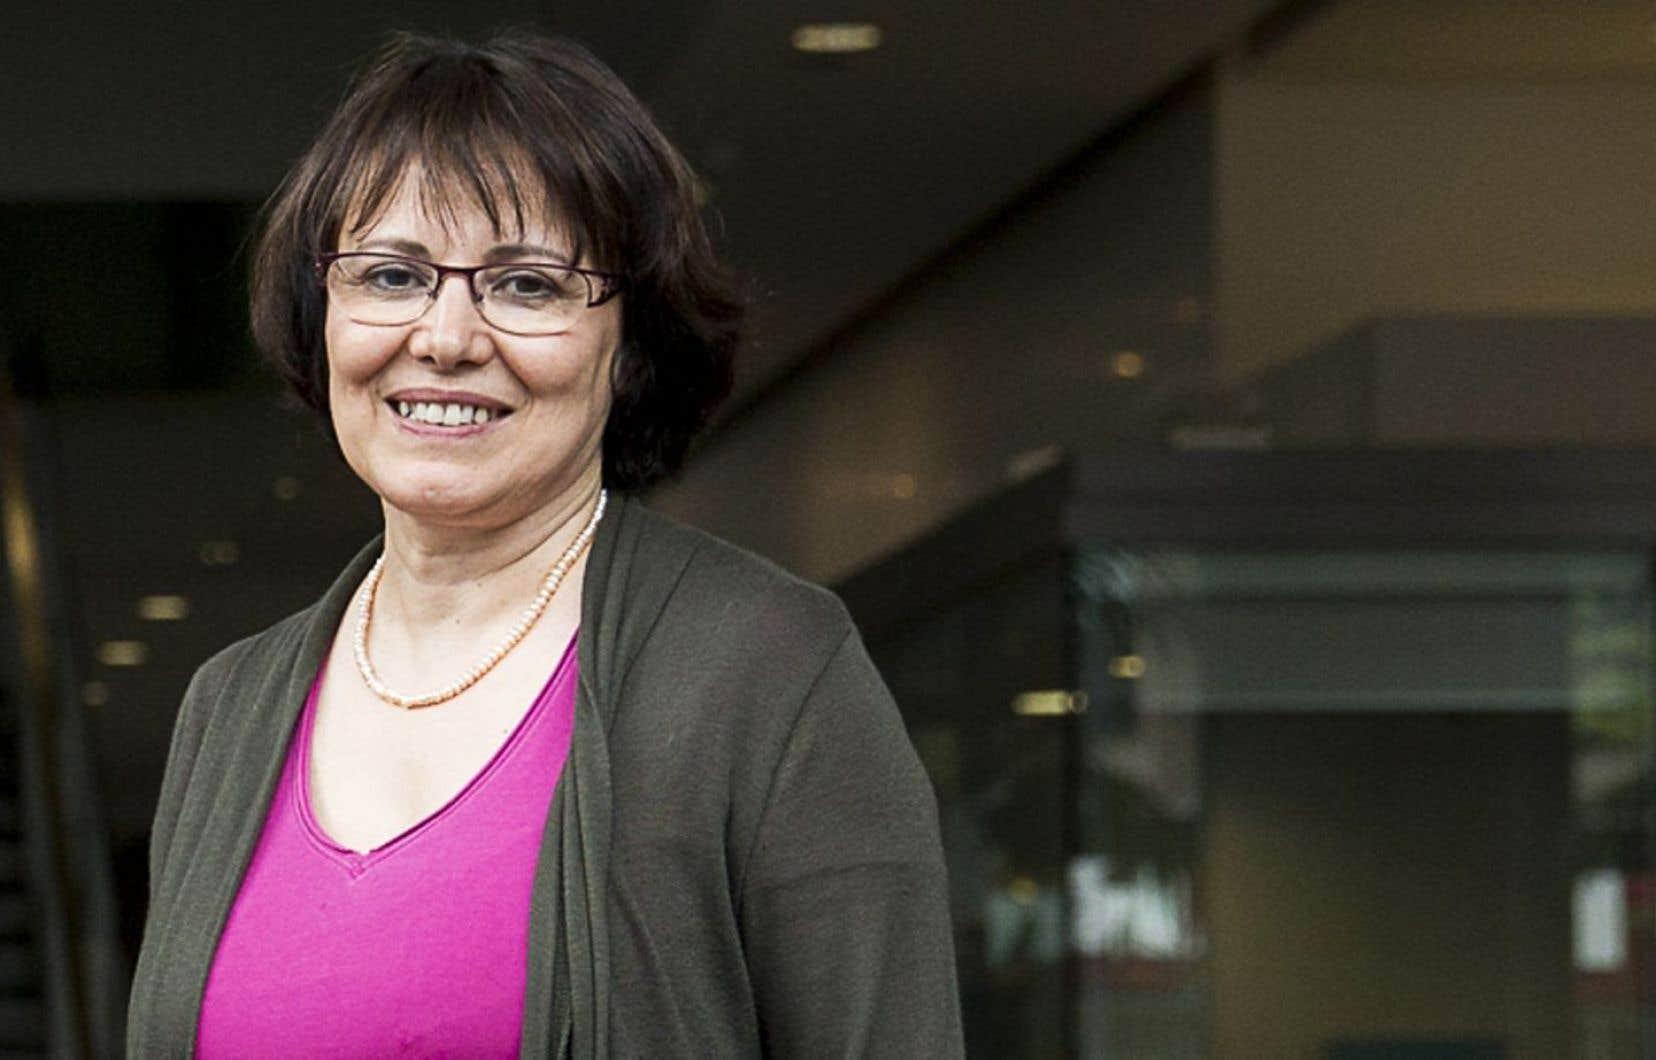 L'anthropologue canado-iranienne Homa Hoodfar est détenue en Iran depuis juin.